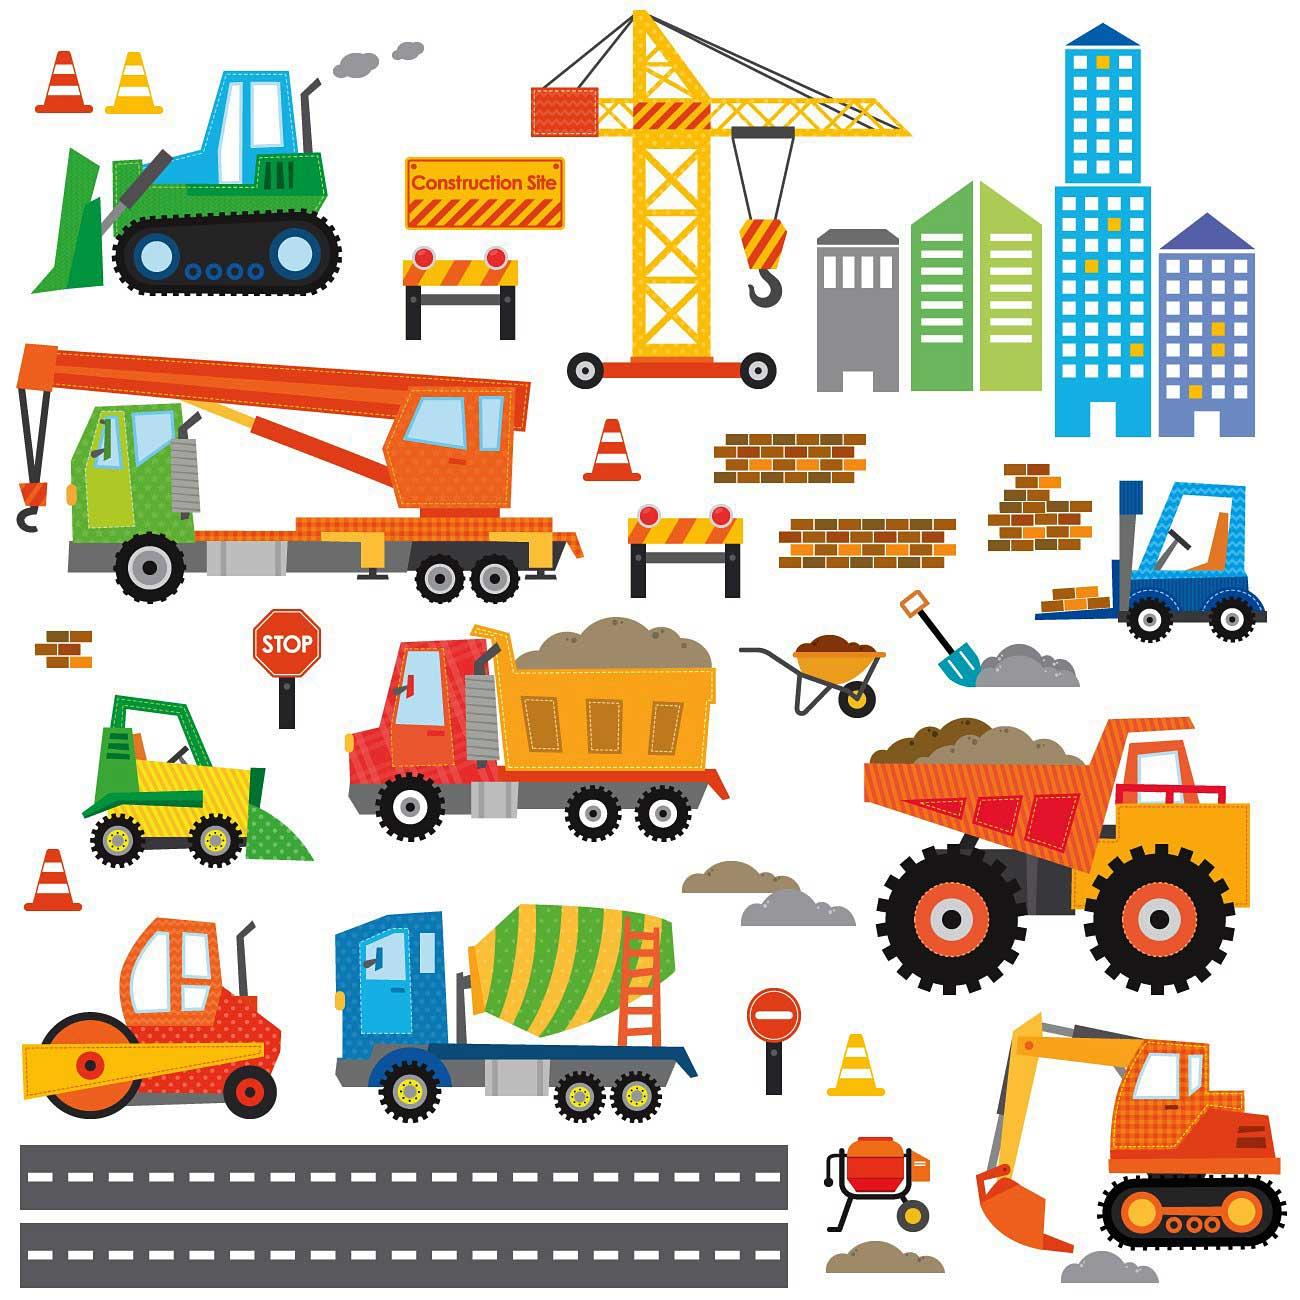 Wandsticker Baustelle Baufahrzeuge | tapetenwelt